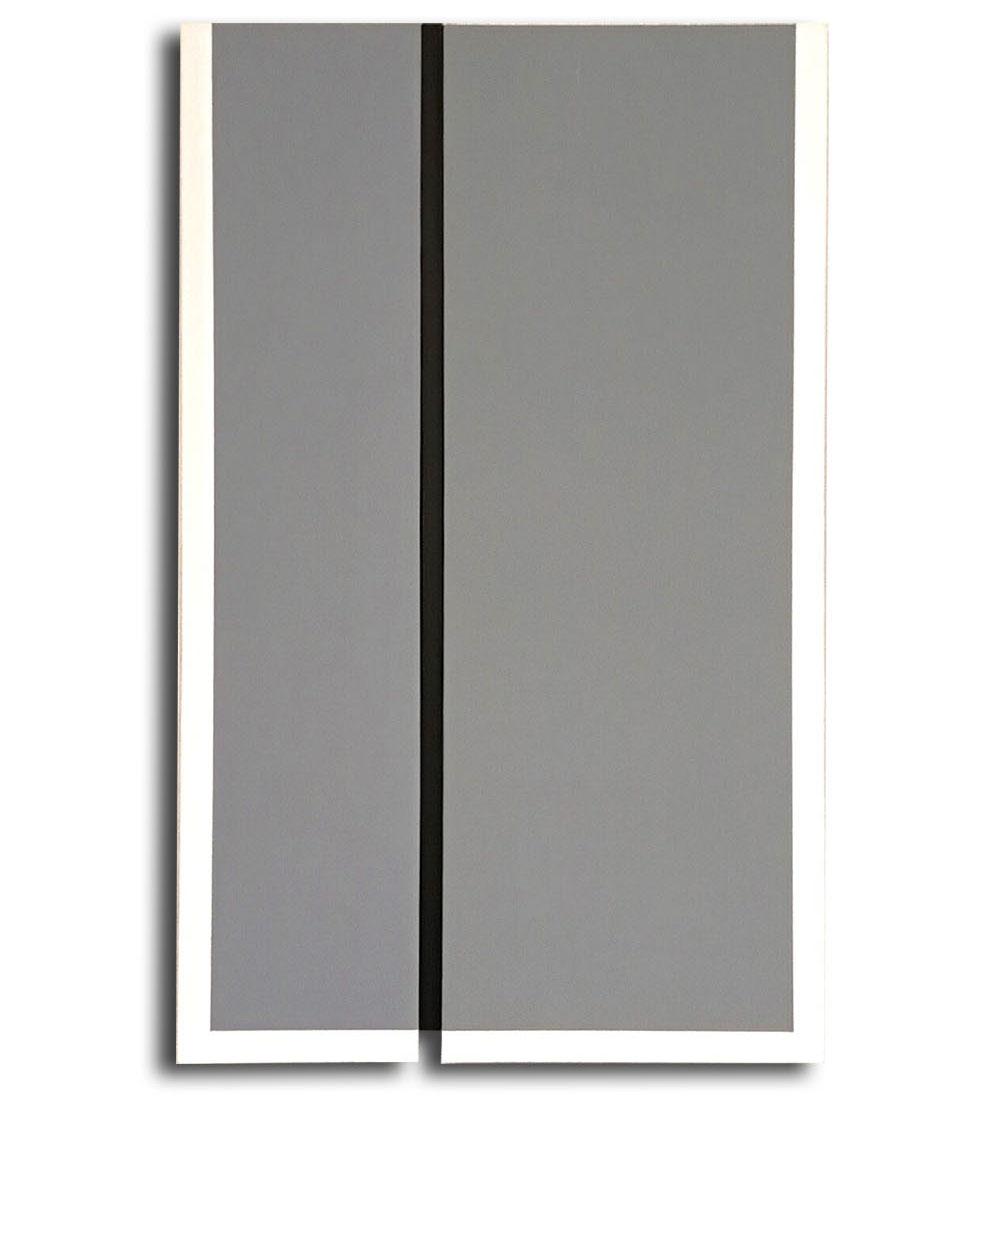 Acrylique sur toile -  100 x 66 x 3 cm - 09/2017